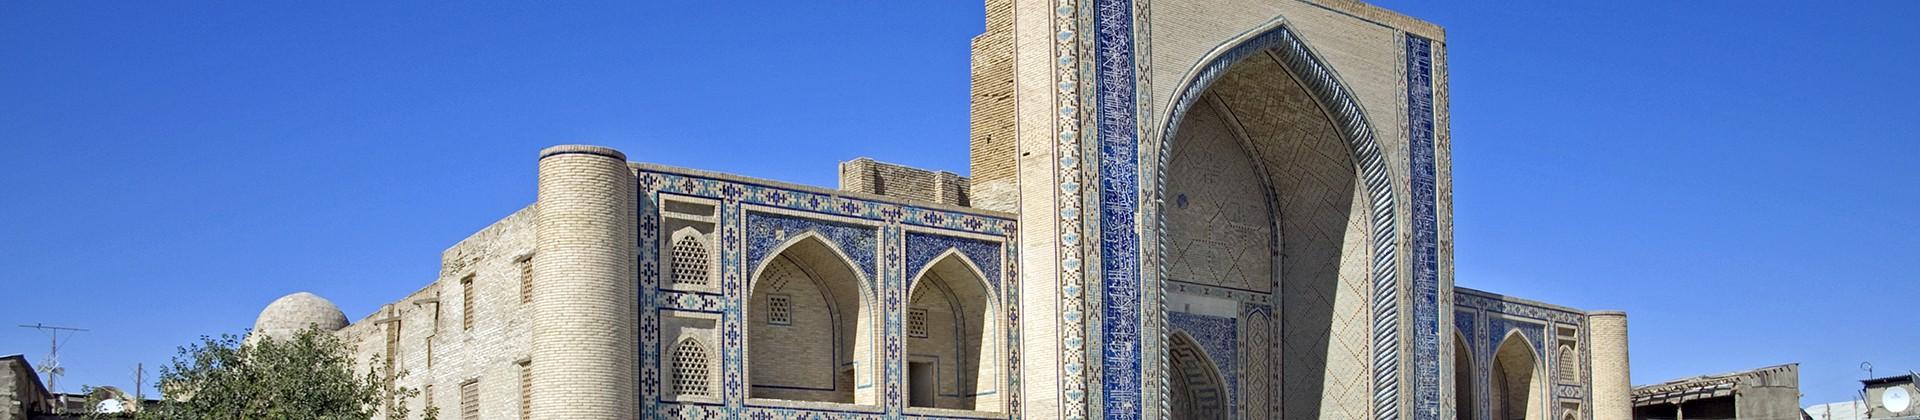 Legendary Uzbekistan Comfort - 1